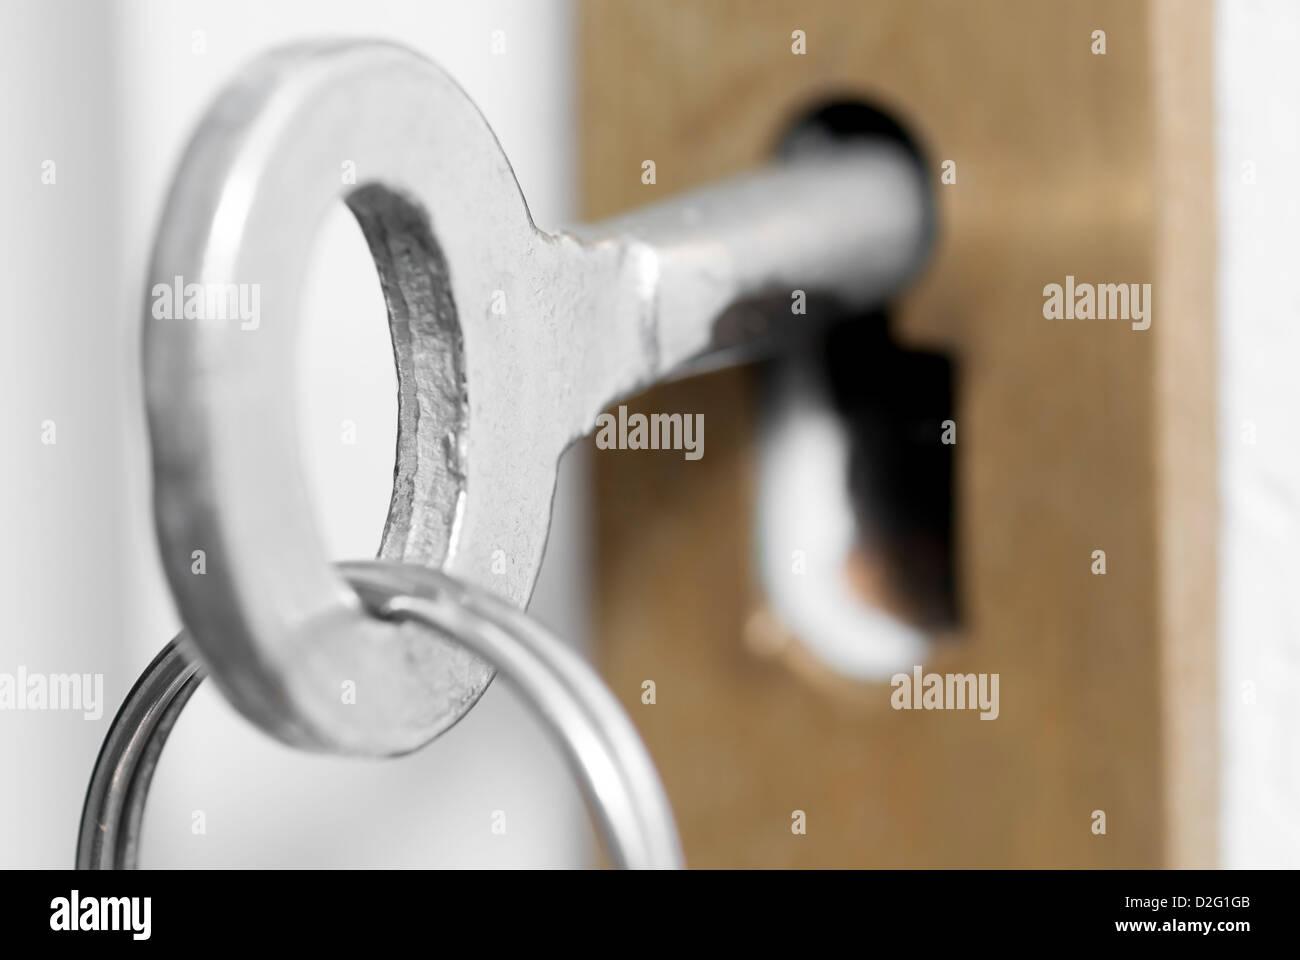 Macro Photo Of Old Style House Key In Door Lock